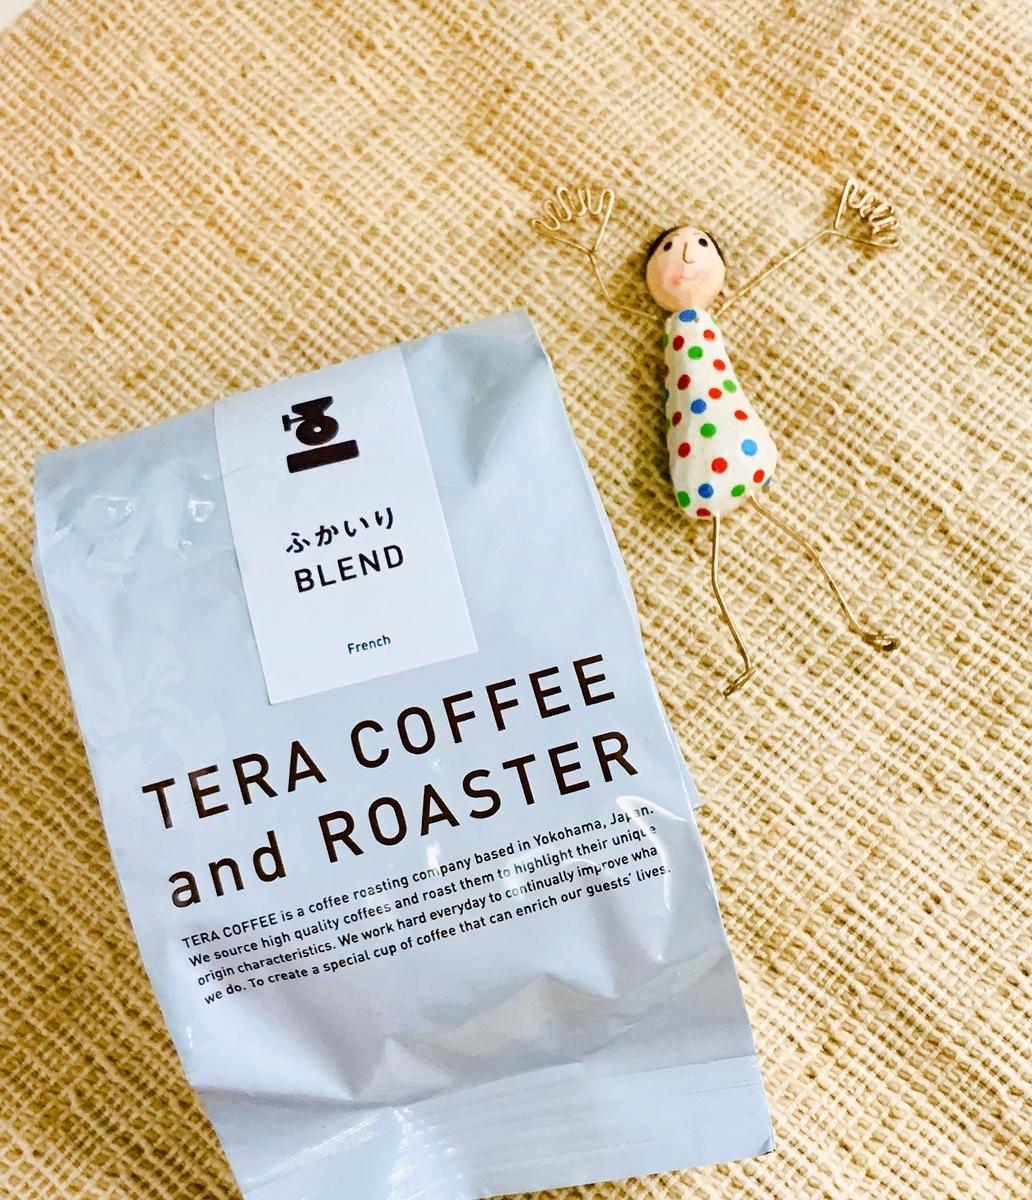 teracoffee,大倉山,コーヒー好きさんと繋がりたい,カフェめぐり